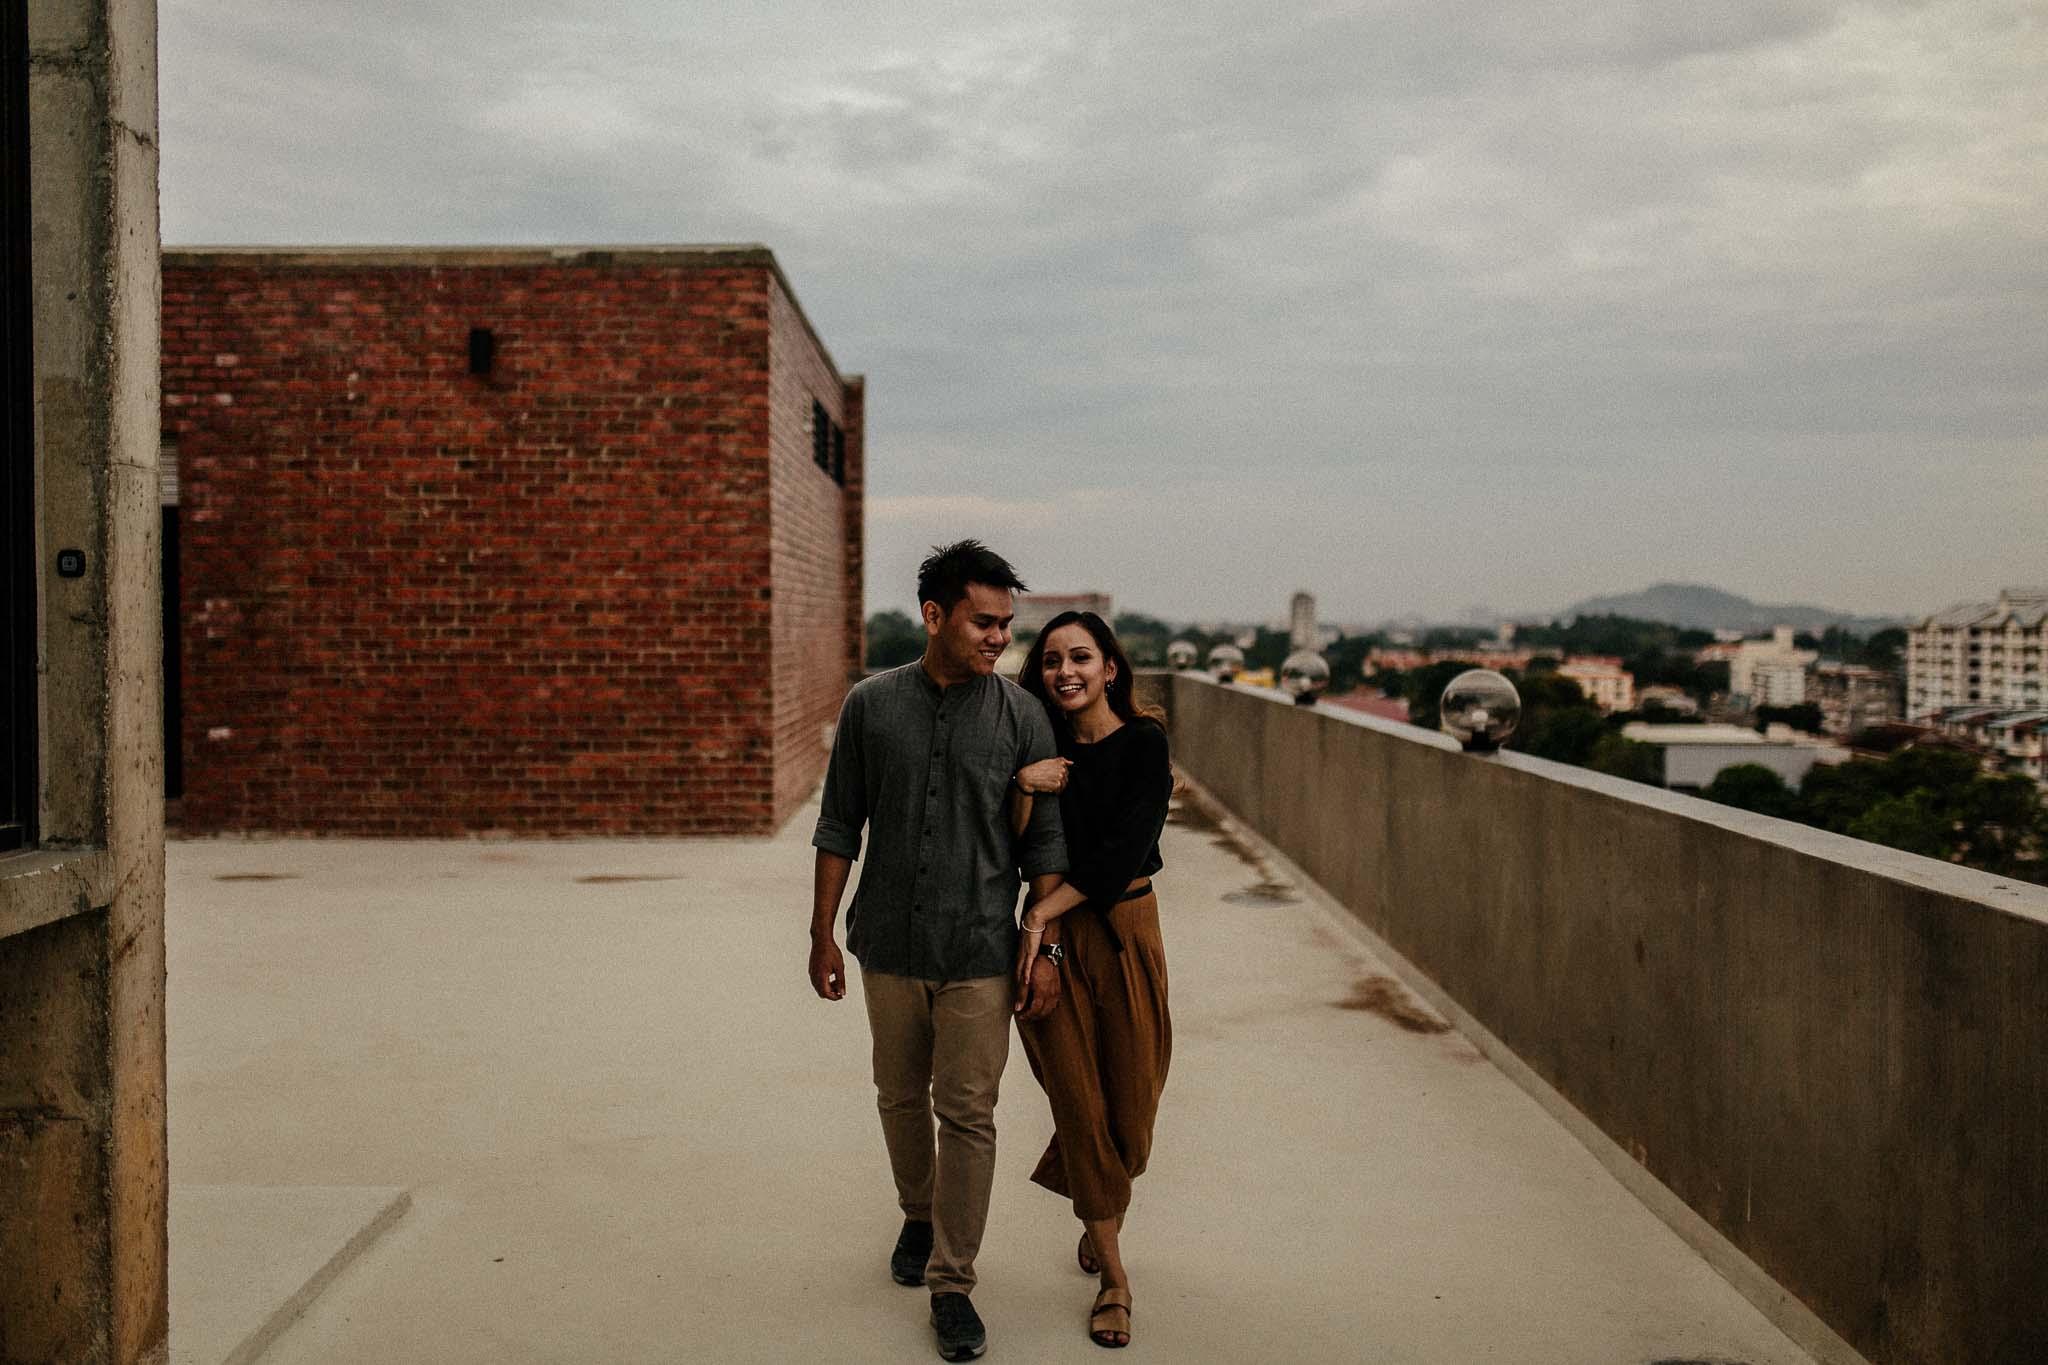 qila&elyas-weddingsbyqay-lovesession (176 of 297).jpg